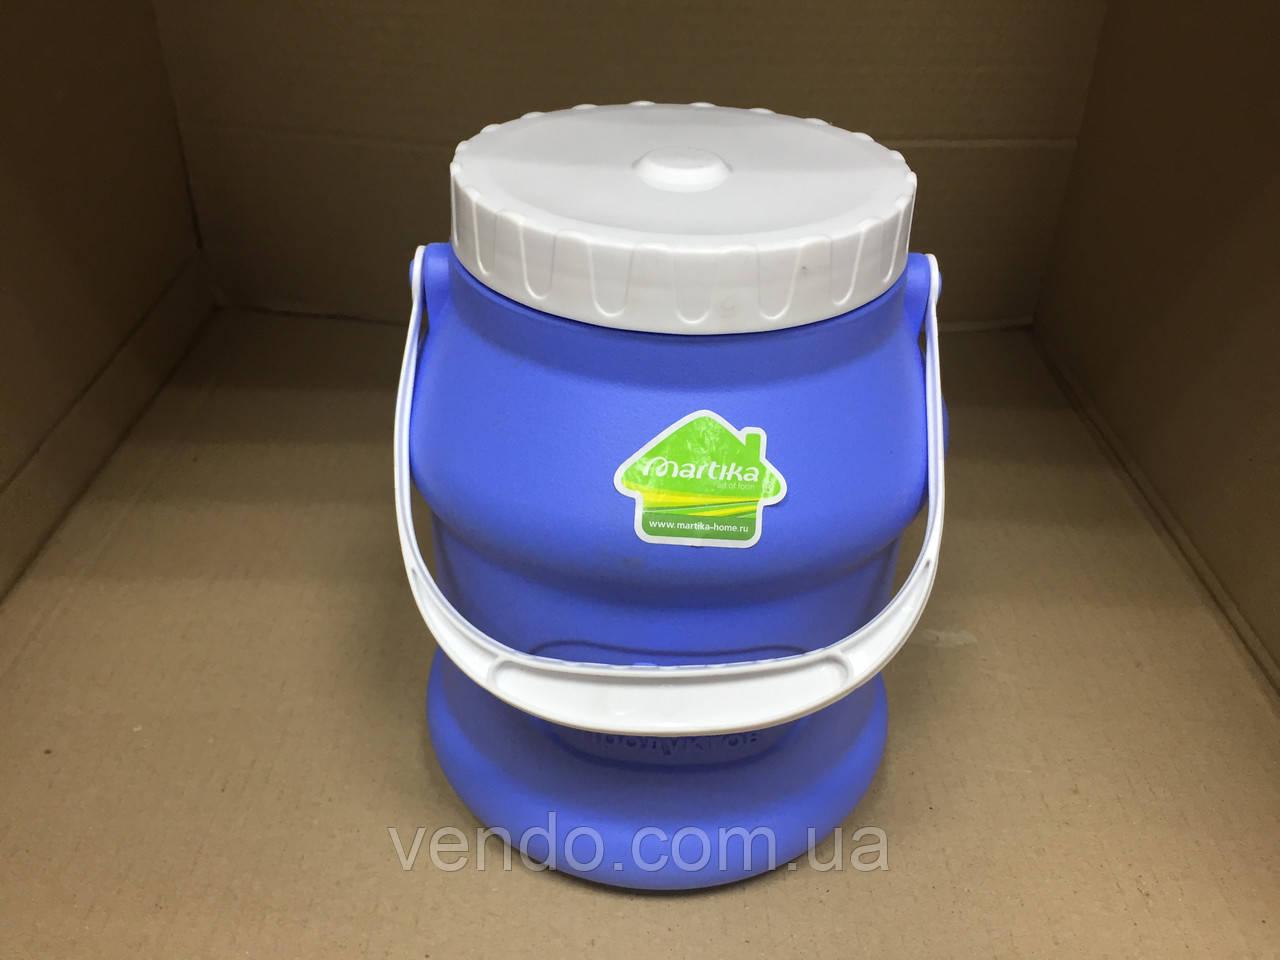 Бидон для пищевых продуктов 3 л / голубой